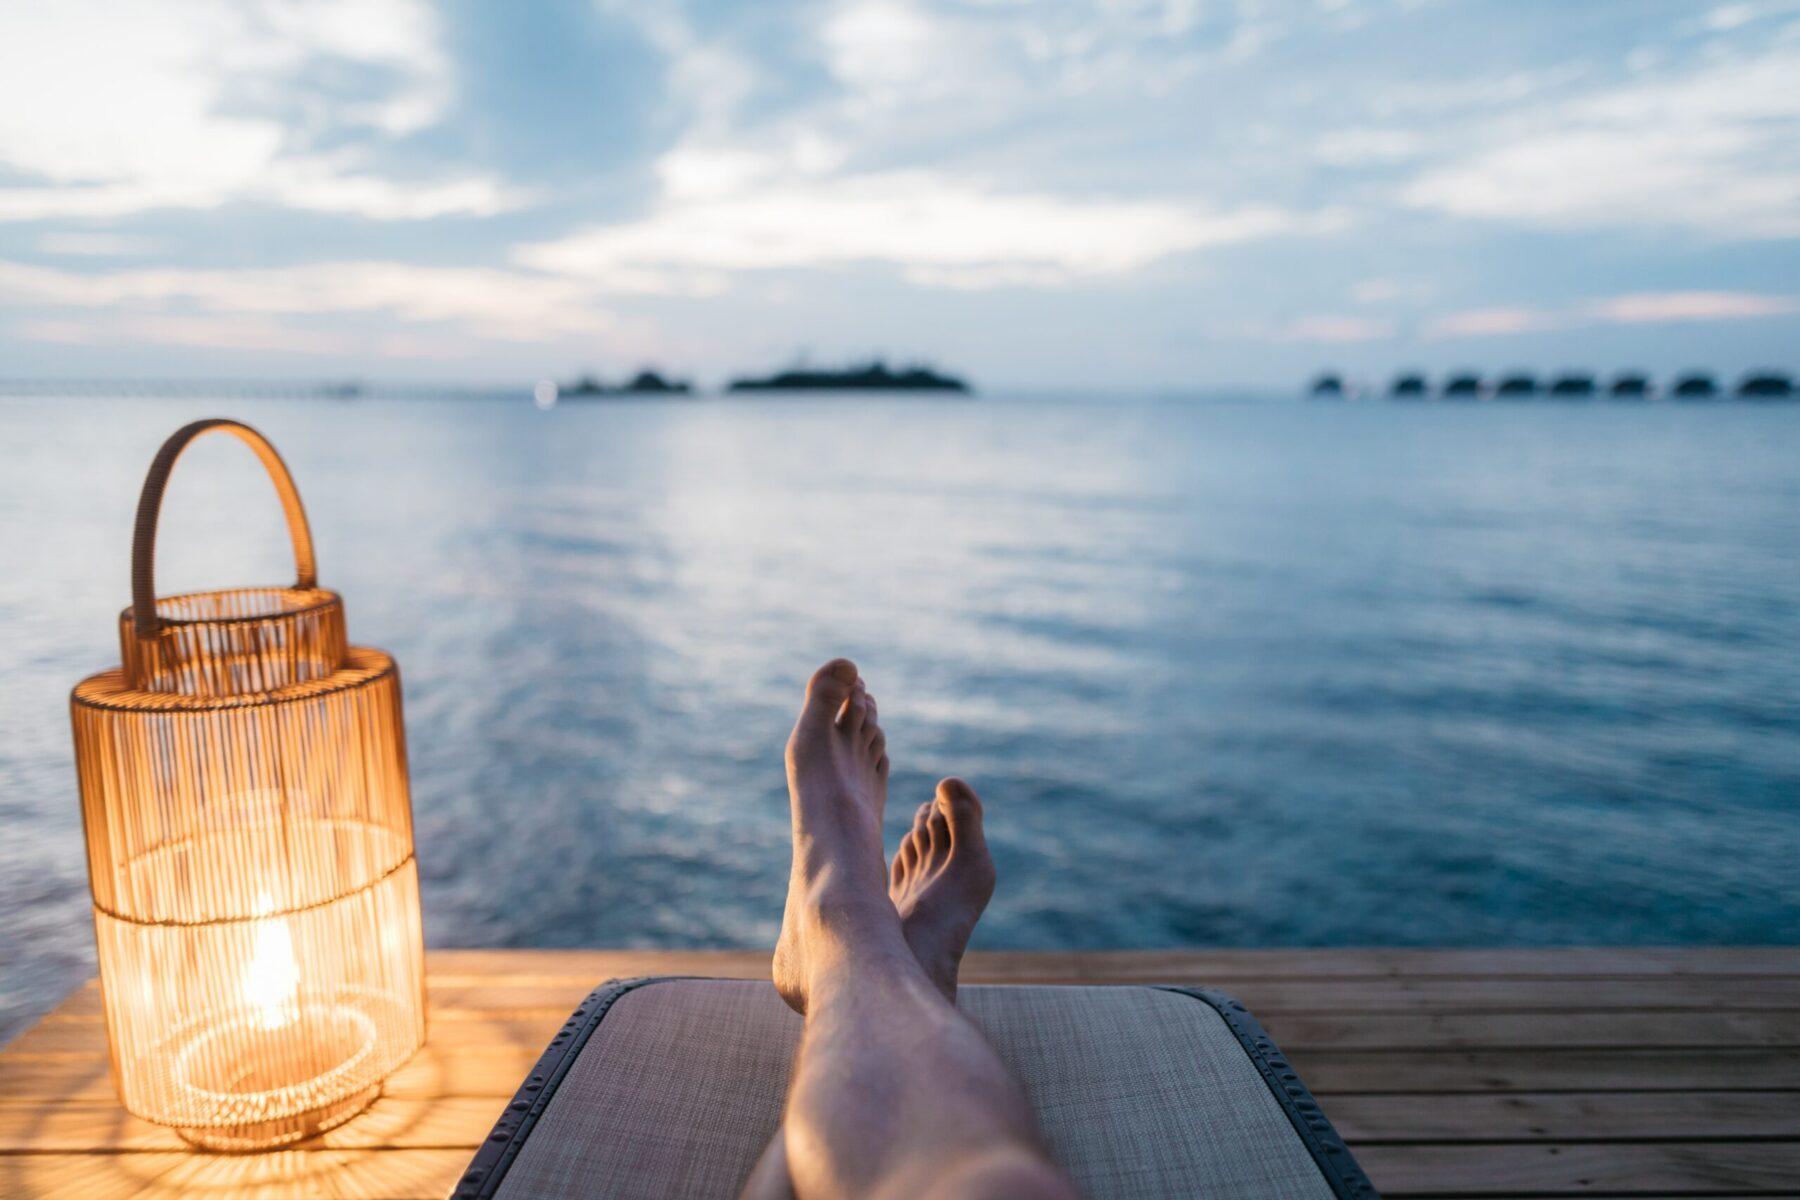 Jobb Skyhill, Sommar och semesterstängd blogg /Markus Forsström